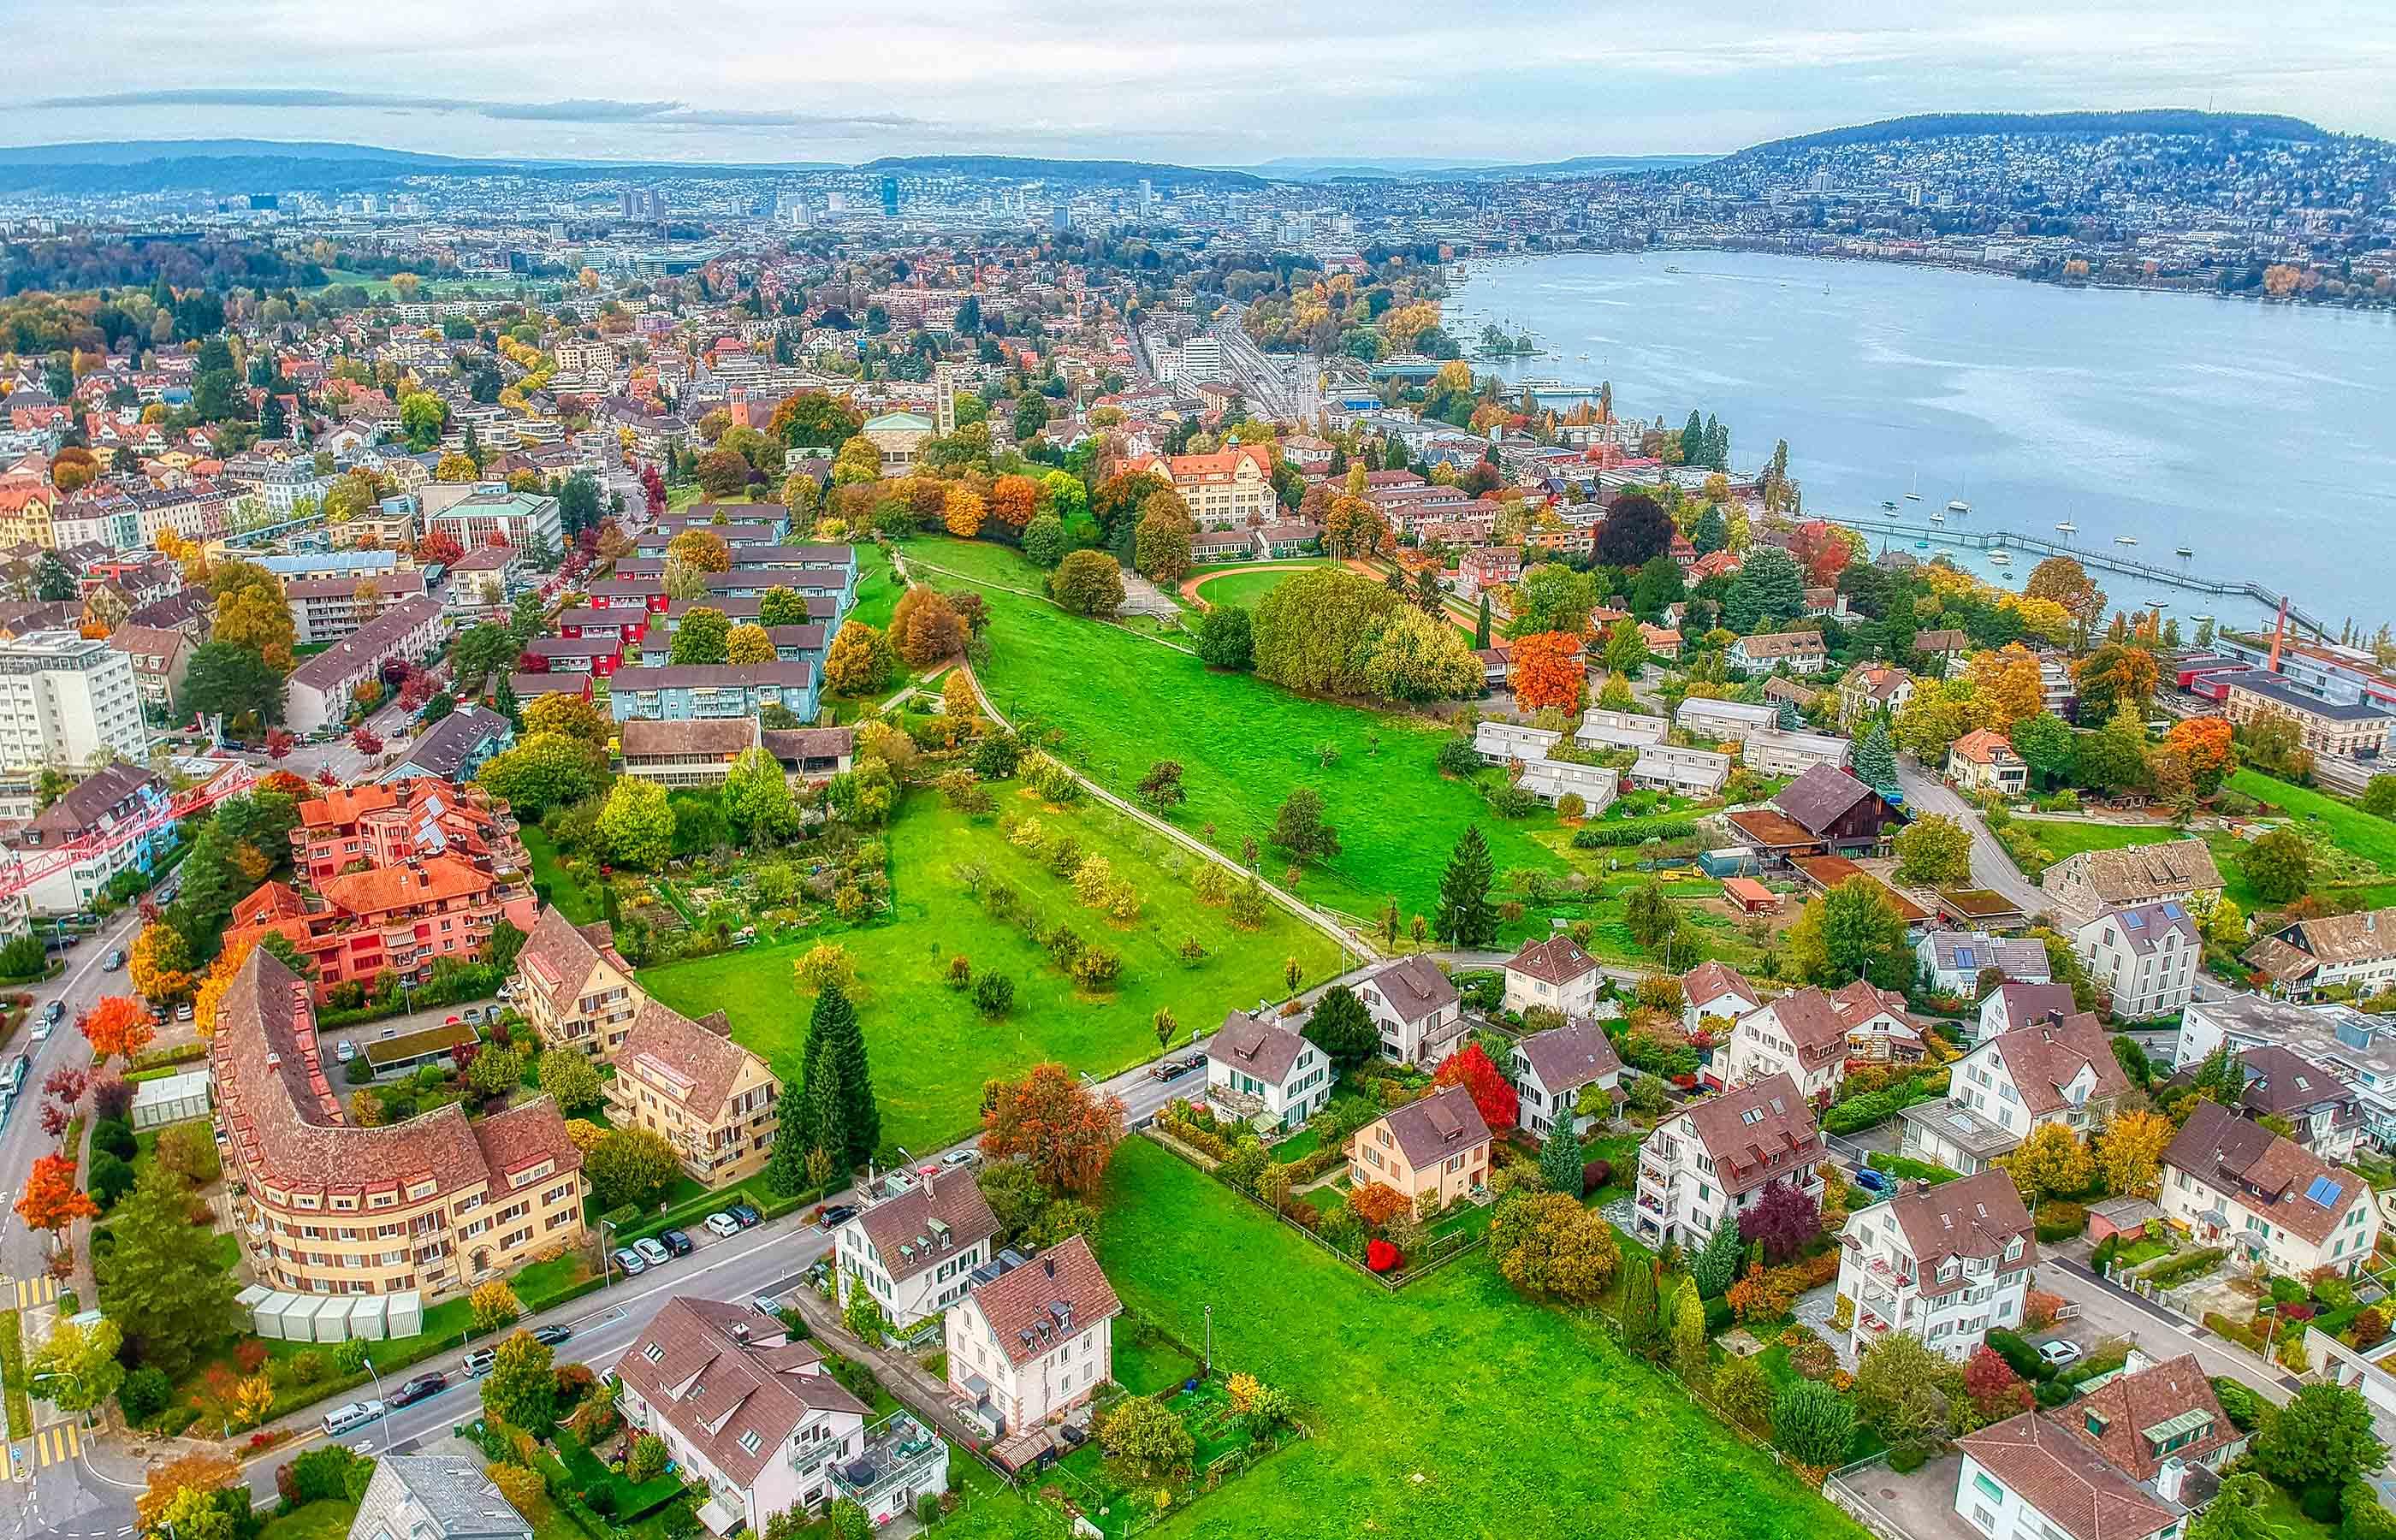 Housesit #25 – Zürich, Switzerland